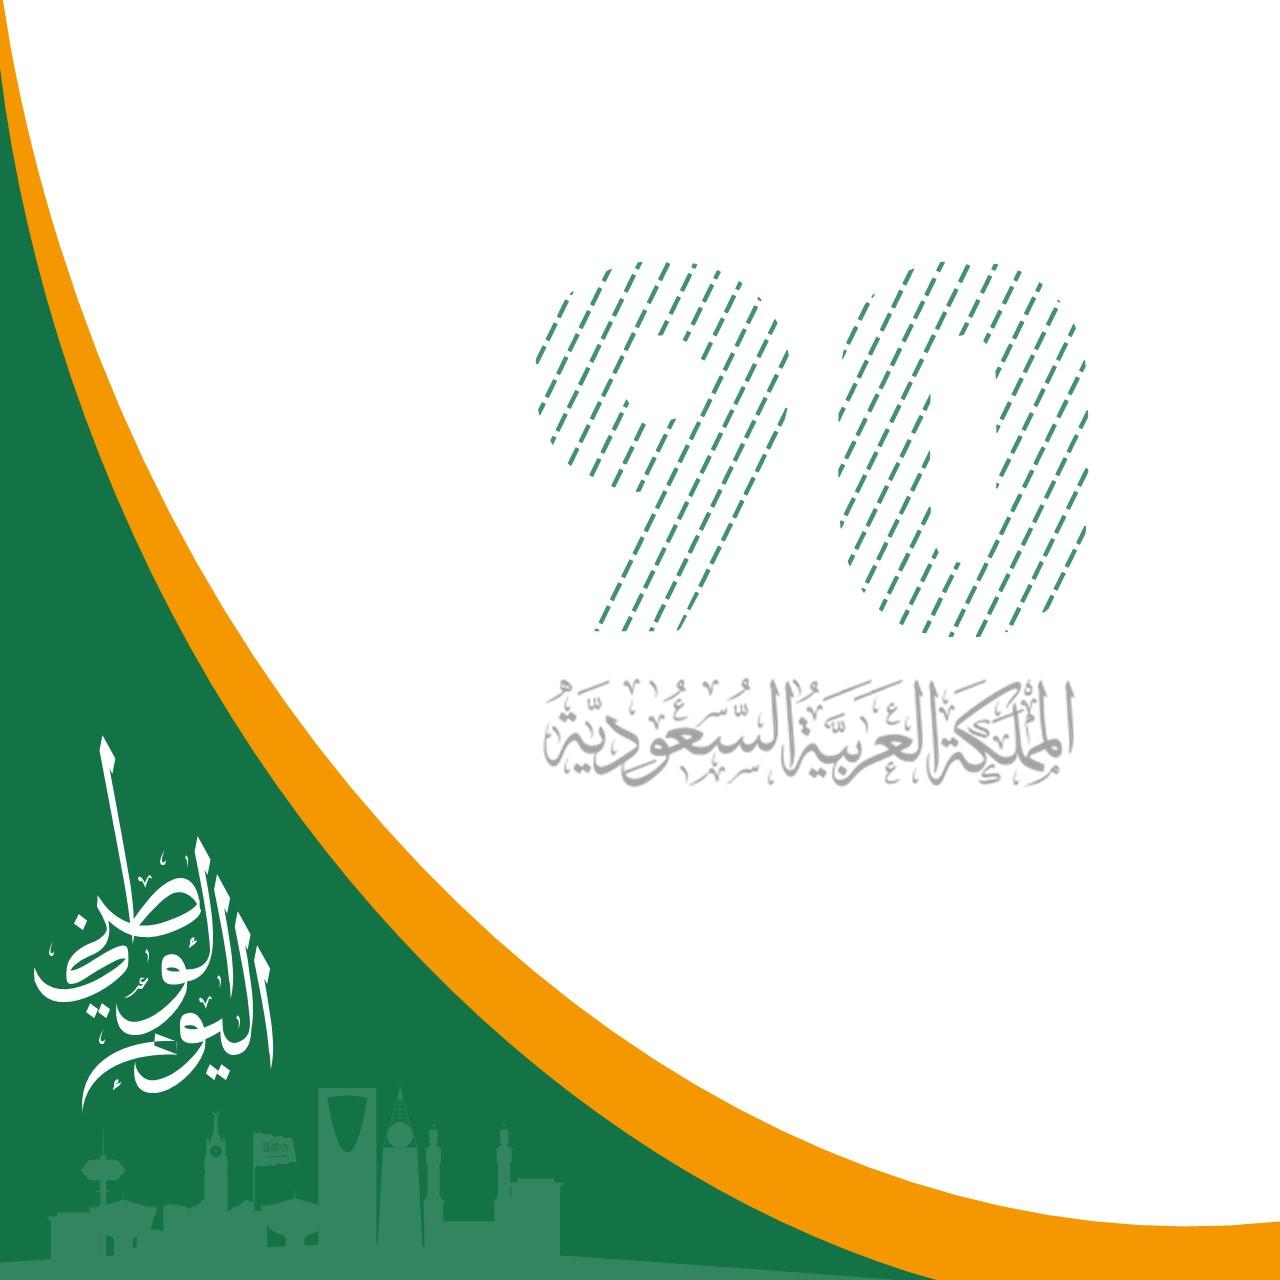 تصميم بوربوينت جاهز عن اليوم الوطني 90